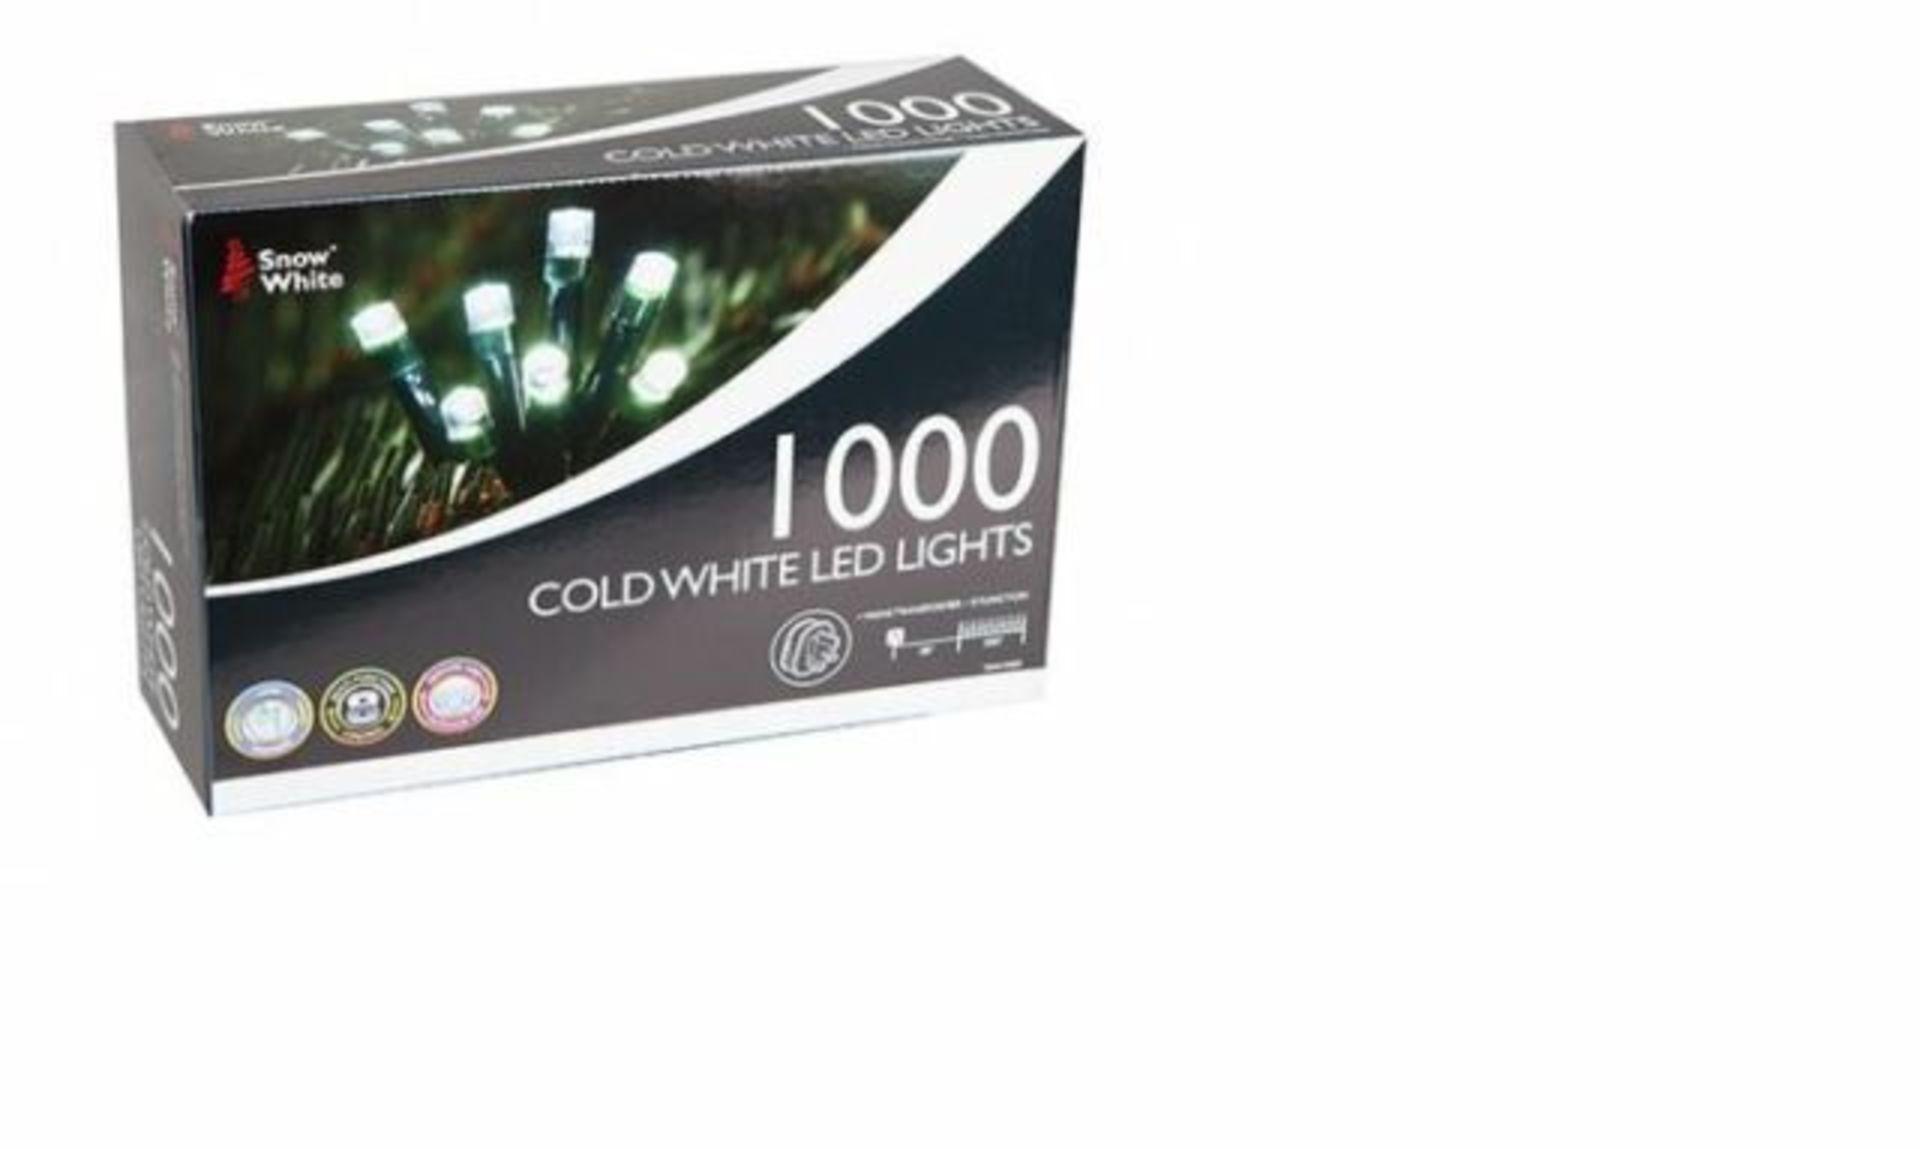 Lot 18027 - V Brand New 1000 Cold White LED Multi Function Christmas Lights